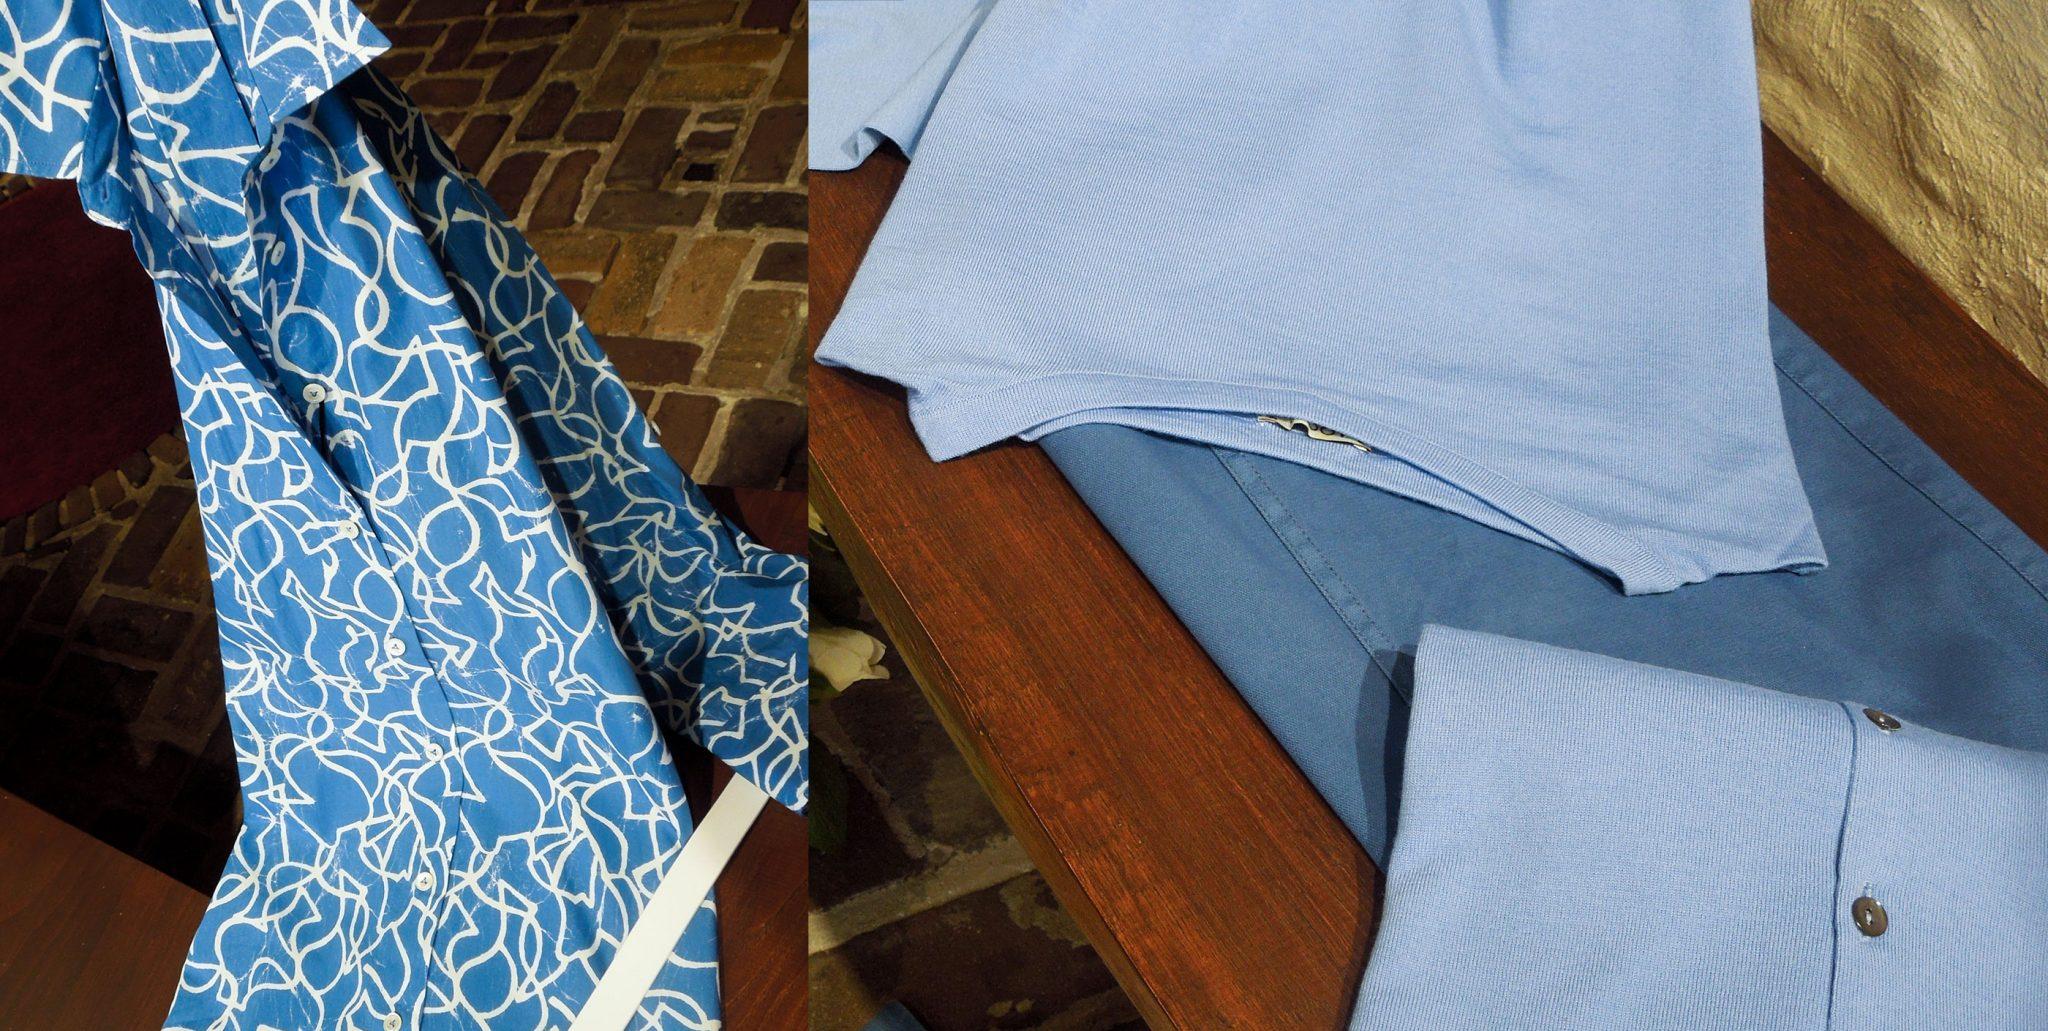 Knalblauwe figuren jurk 2021